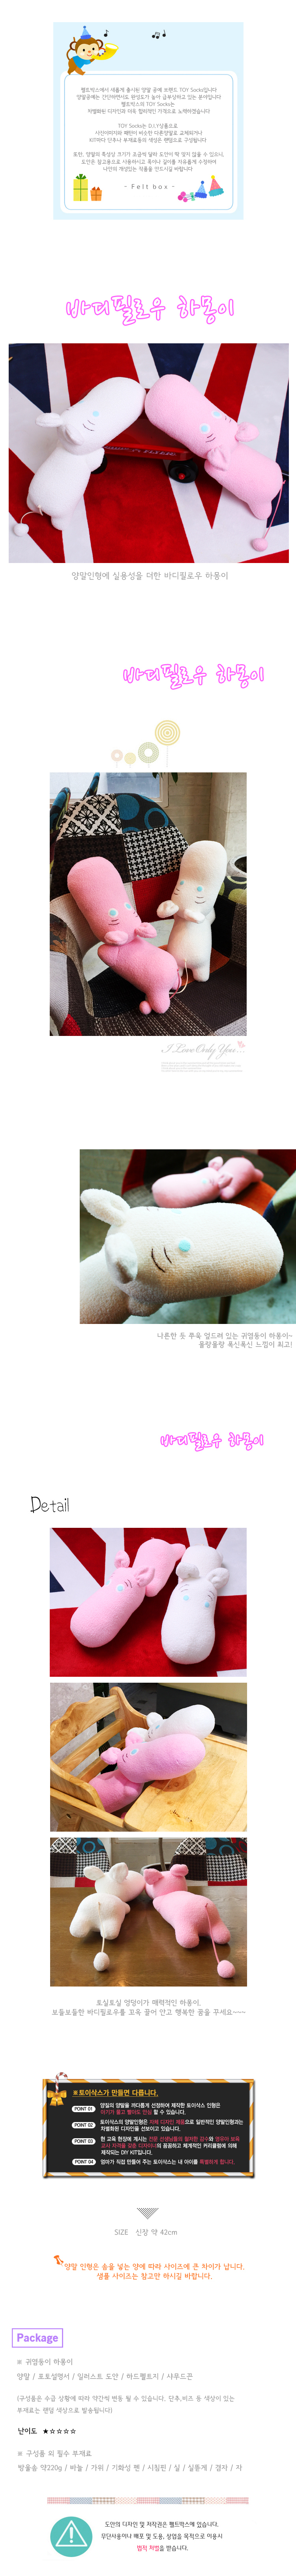 바디 필로우 하몽이 양말인형만들기 - 펠트박스, 7,900원, 퀼트/원단공예, 인형 패키지